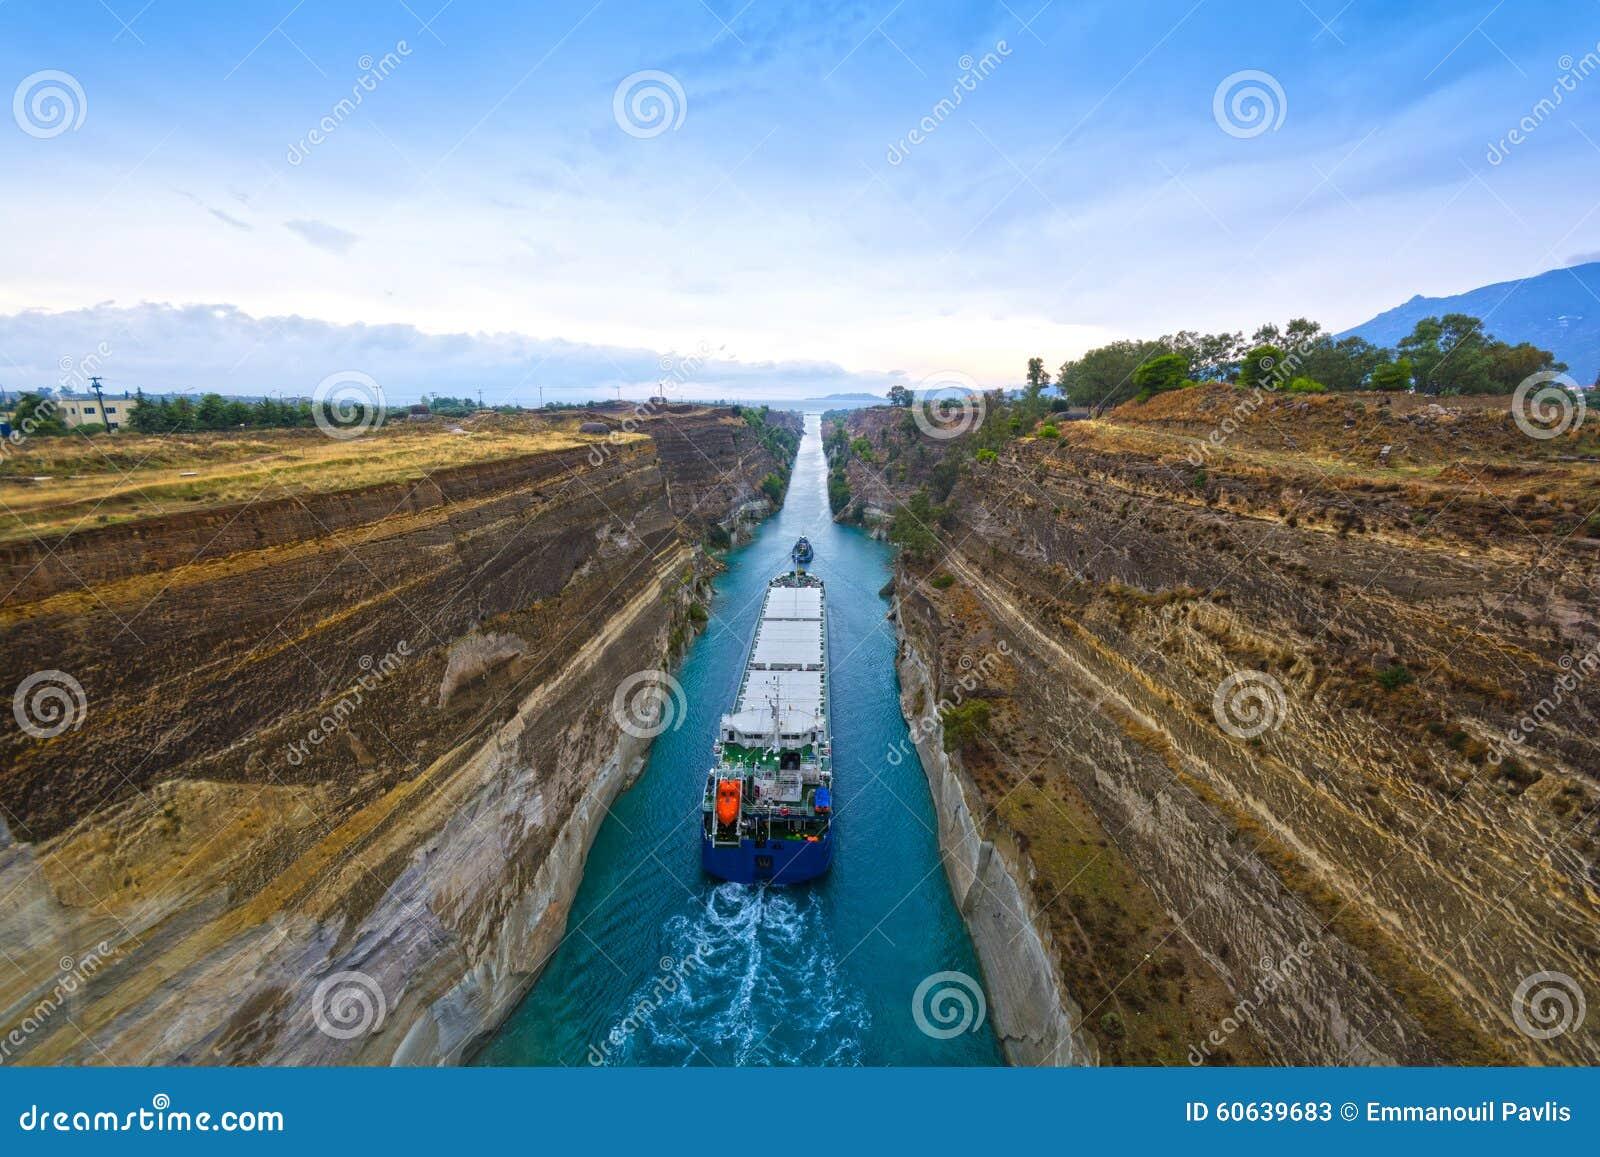 Canale di corinth